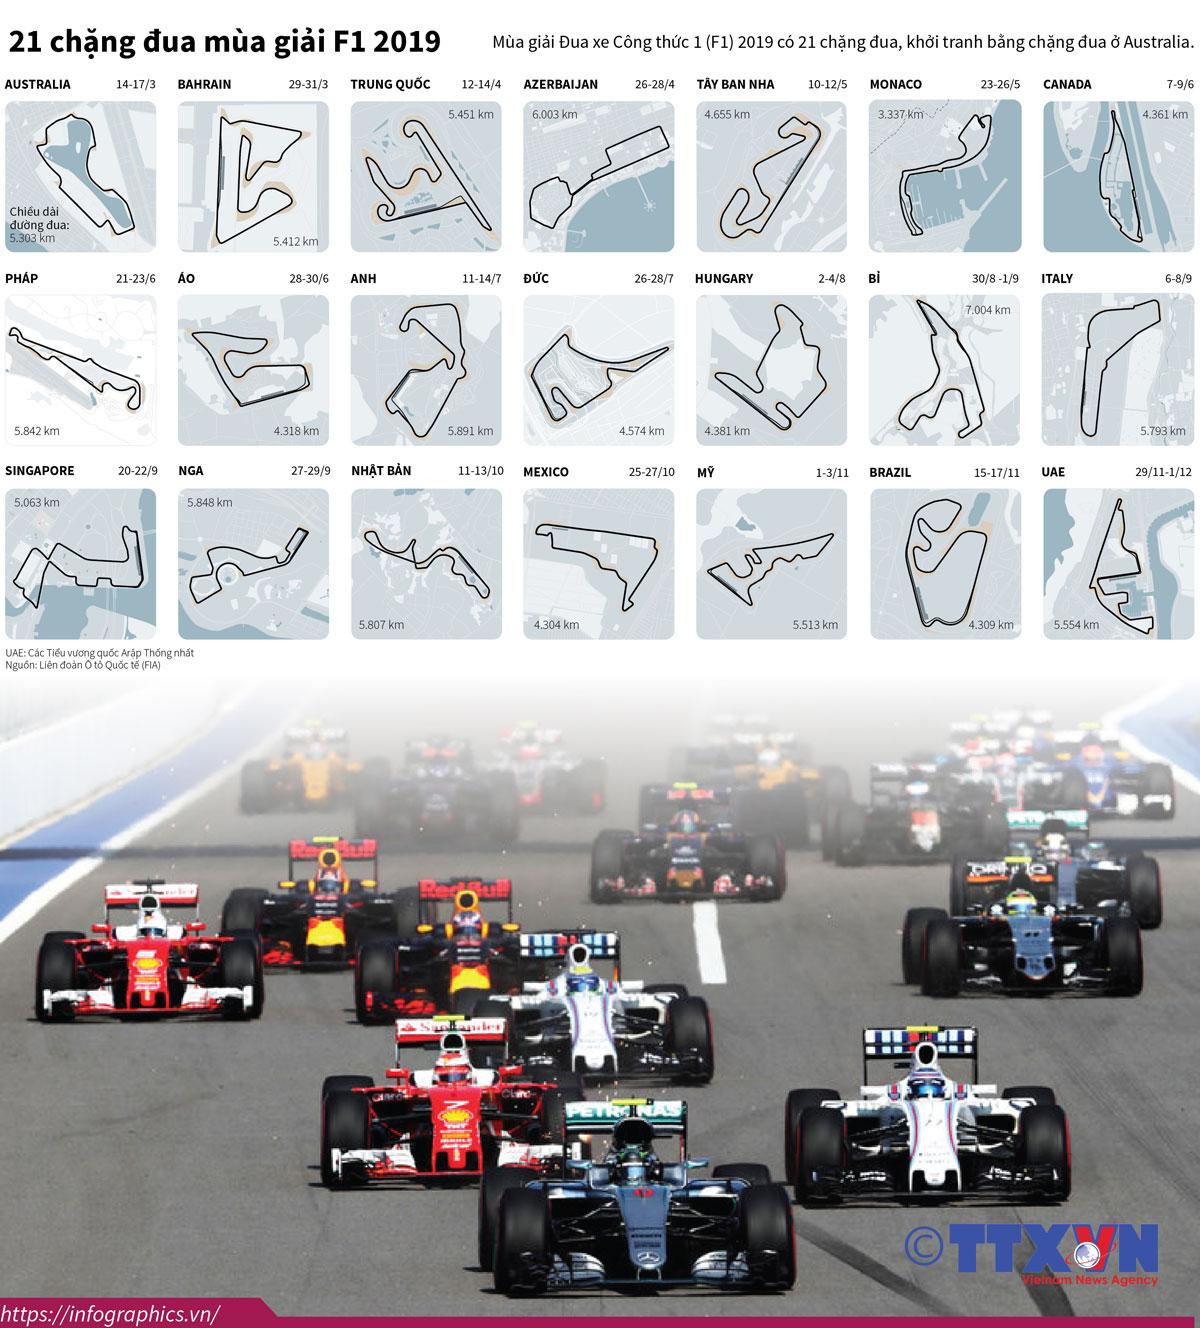 thể thao, nghệ thuật, 21 chặng đua, mùa giải F1 2019, đua công thức 1, đua F1